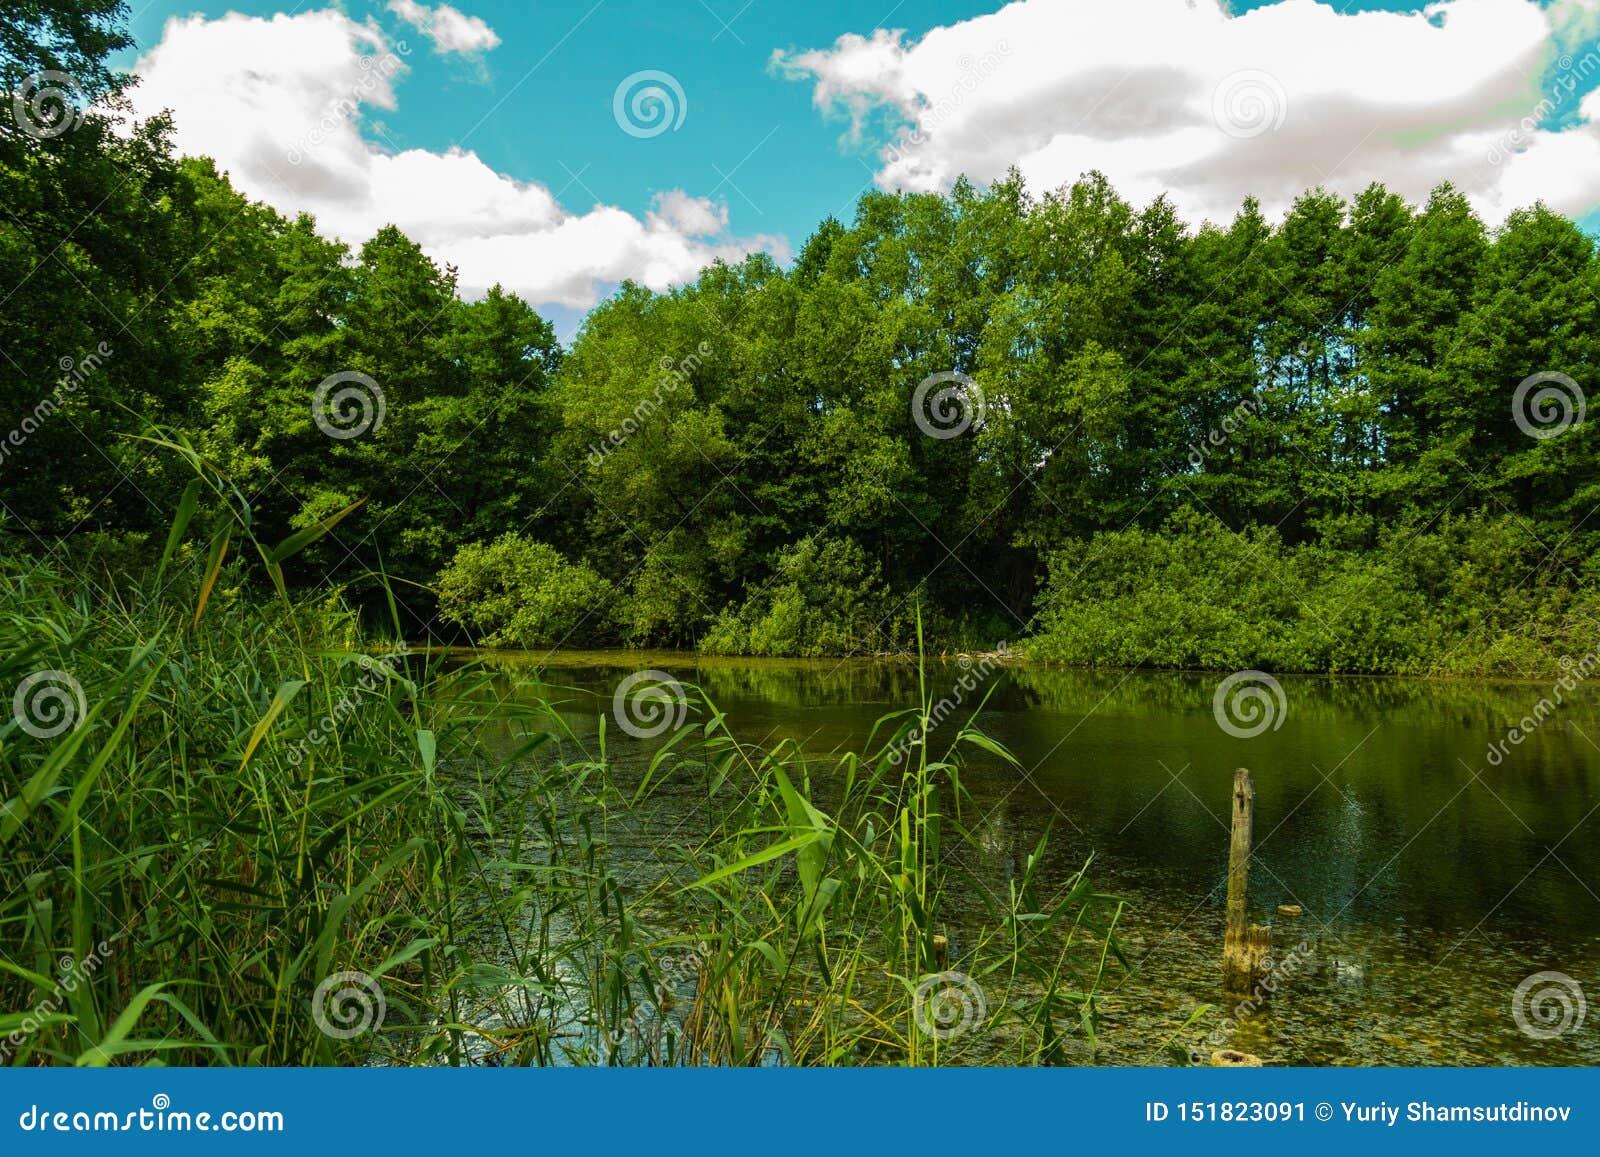 Parc avec un lac et de vieux arbres